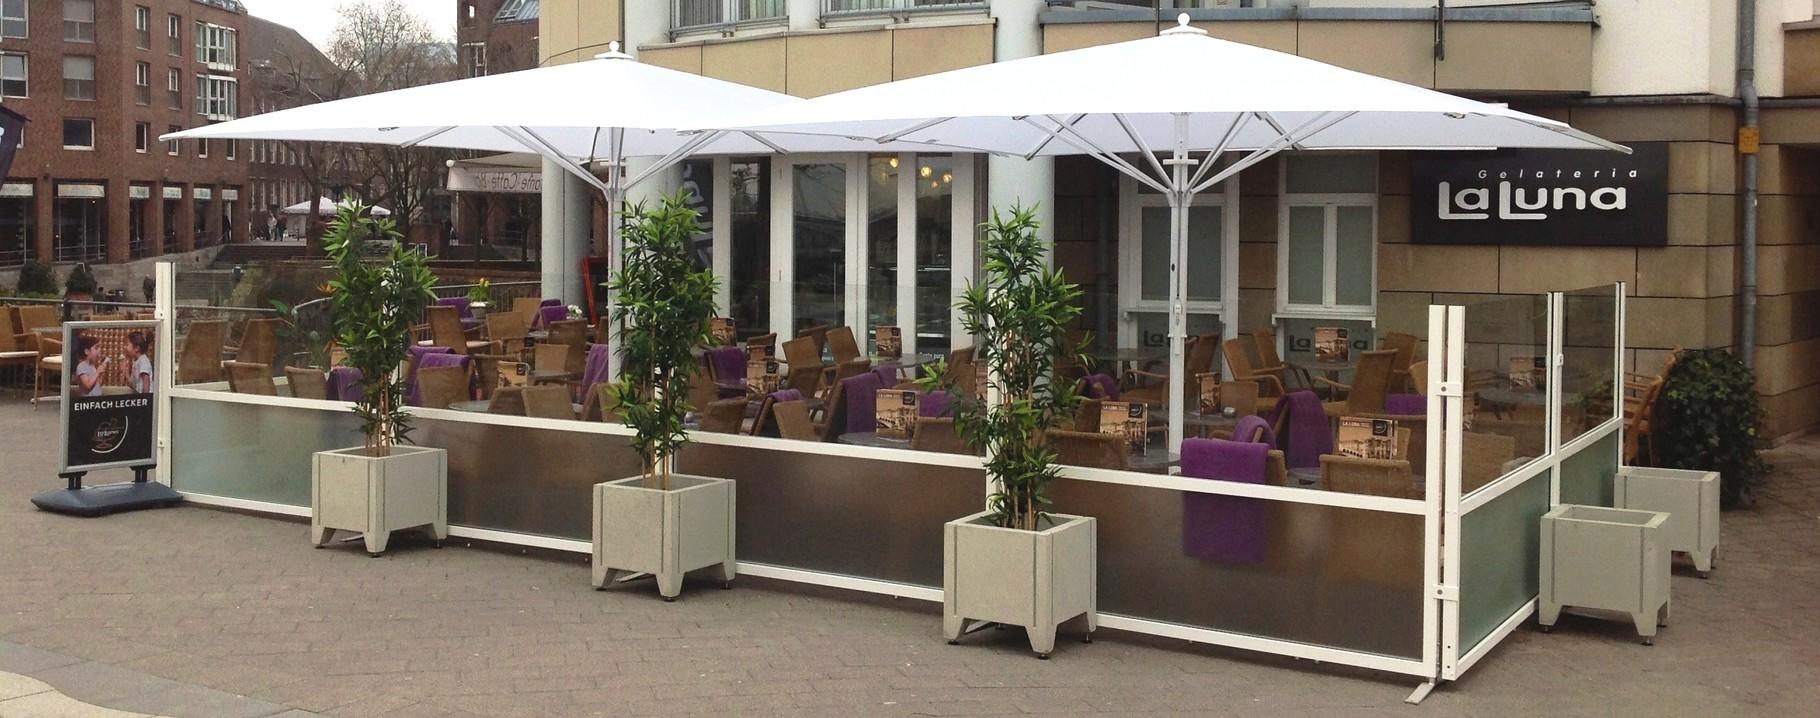 Windschutzanlage Fur Terrassen Gastronomie Windschutz